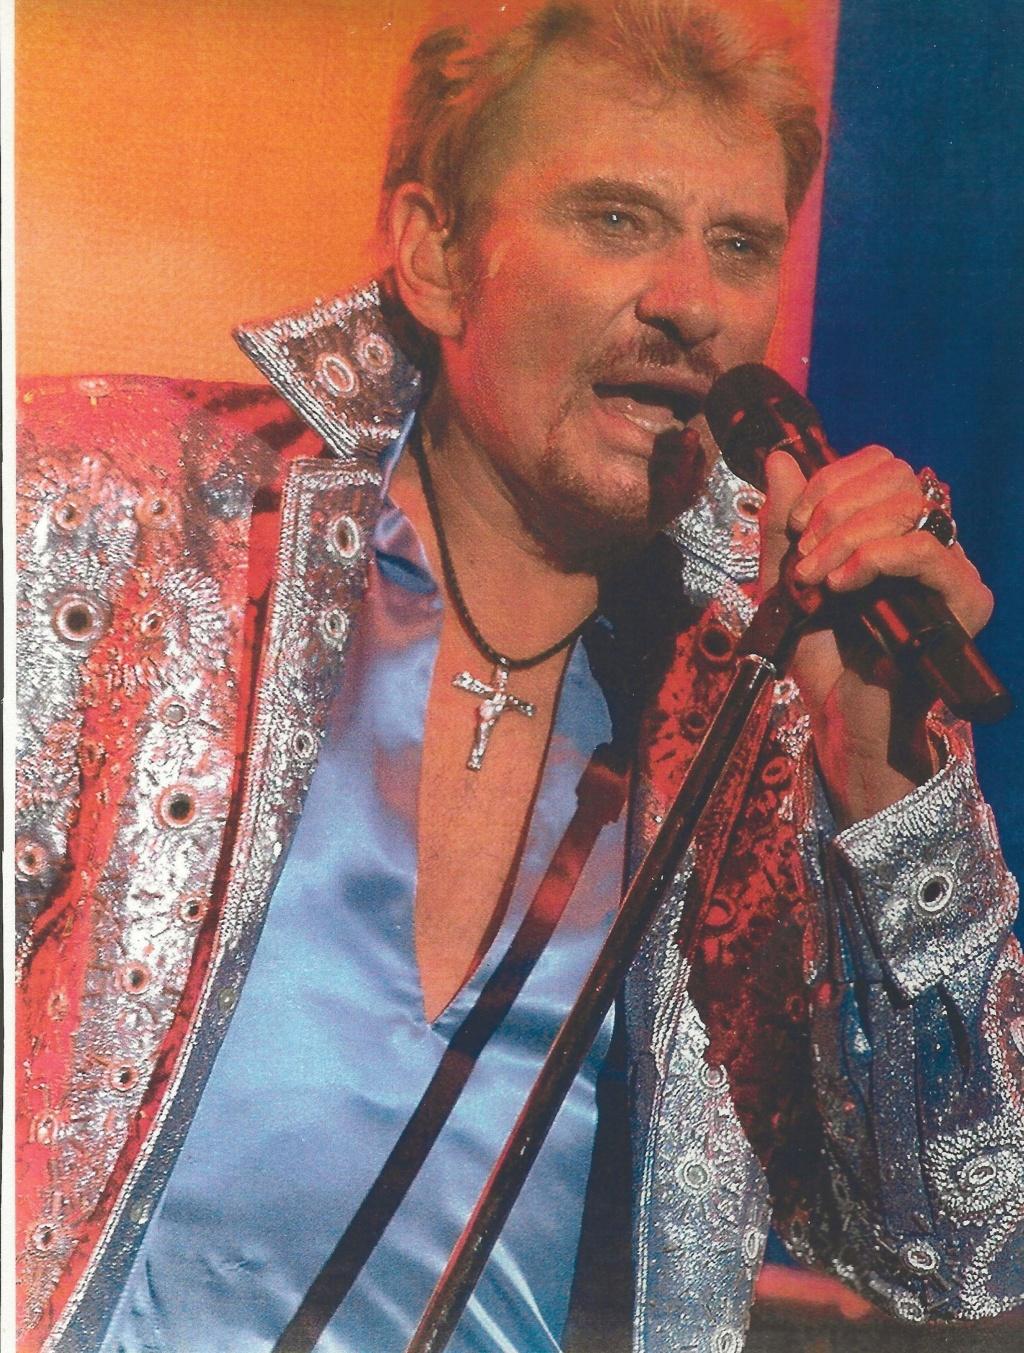 LES PHOTOS DE CANAILLES2 - Page 3 Tour_210